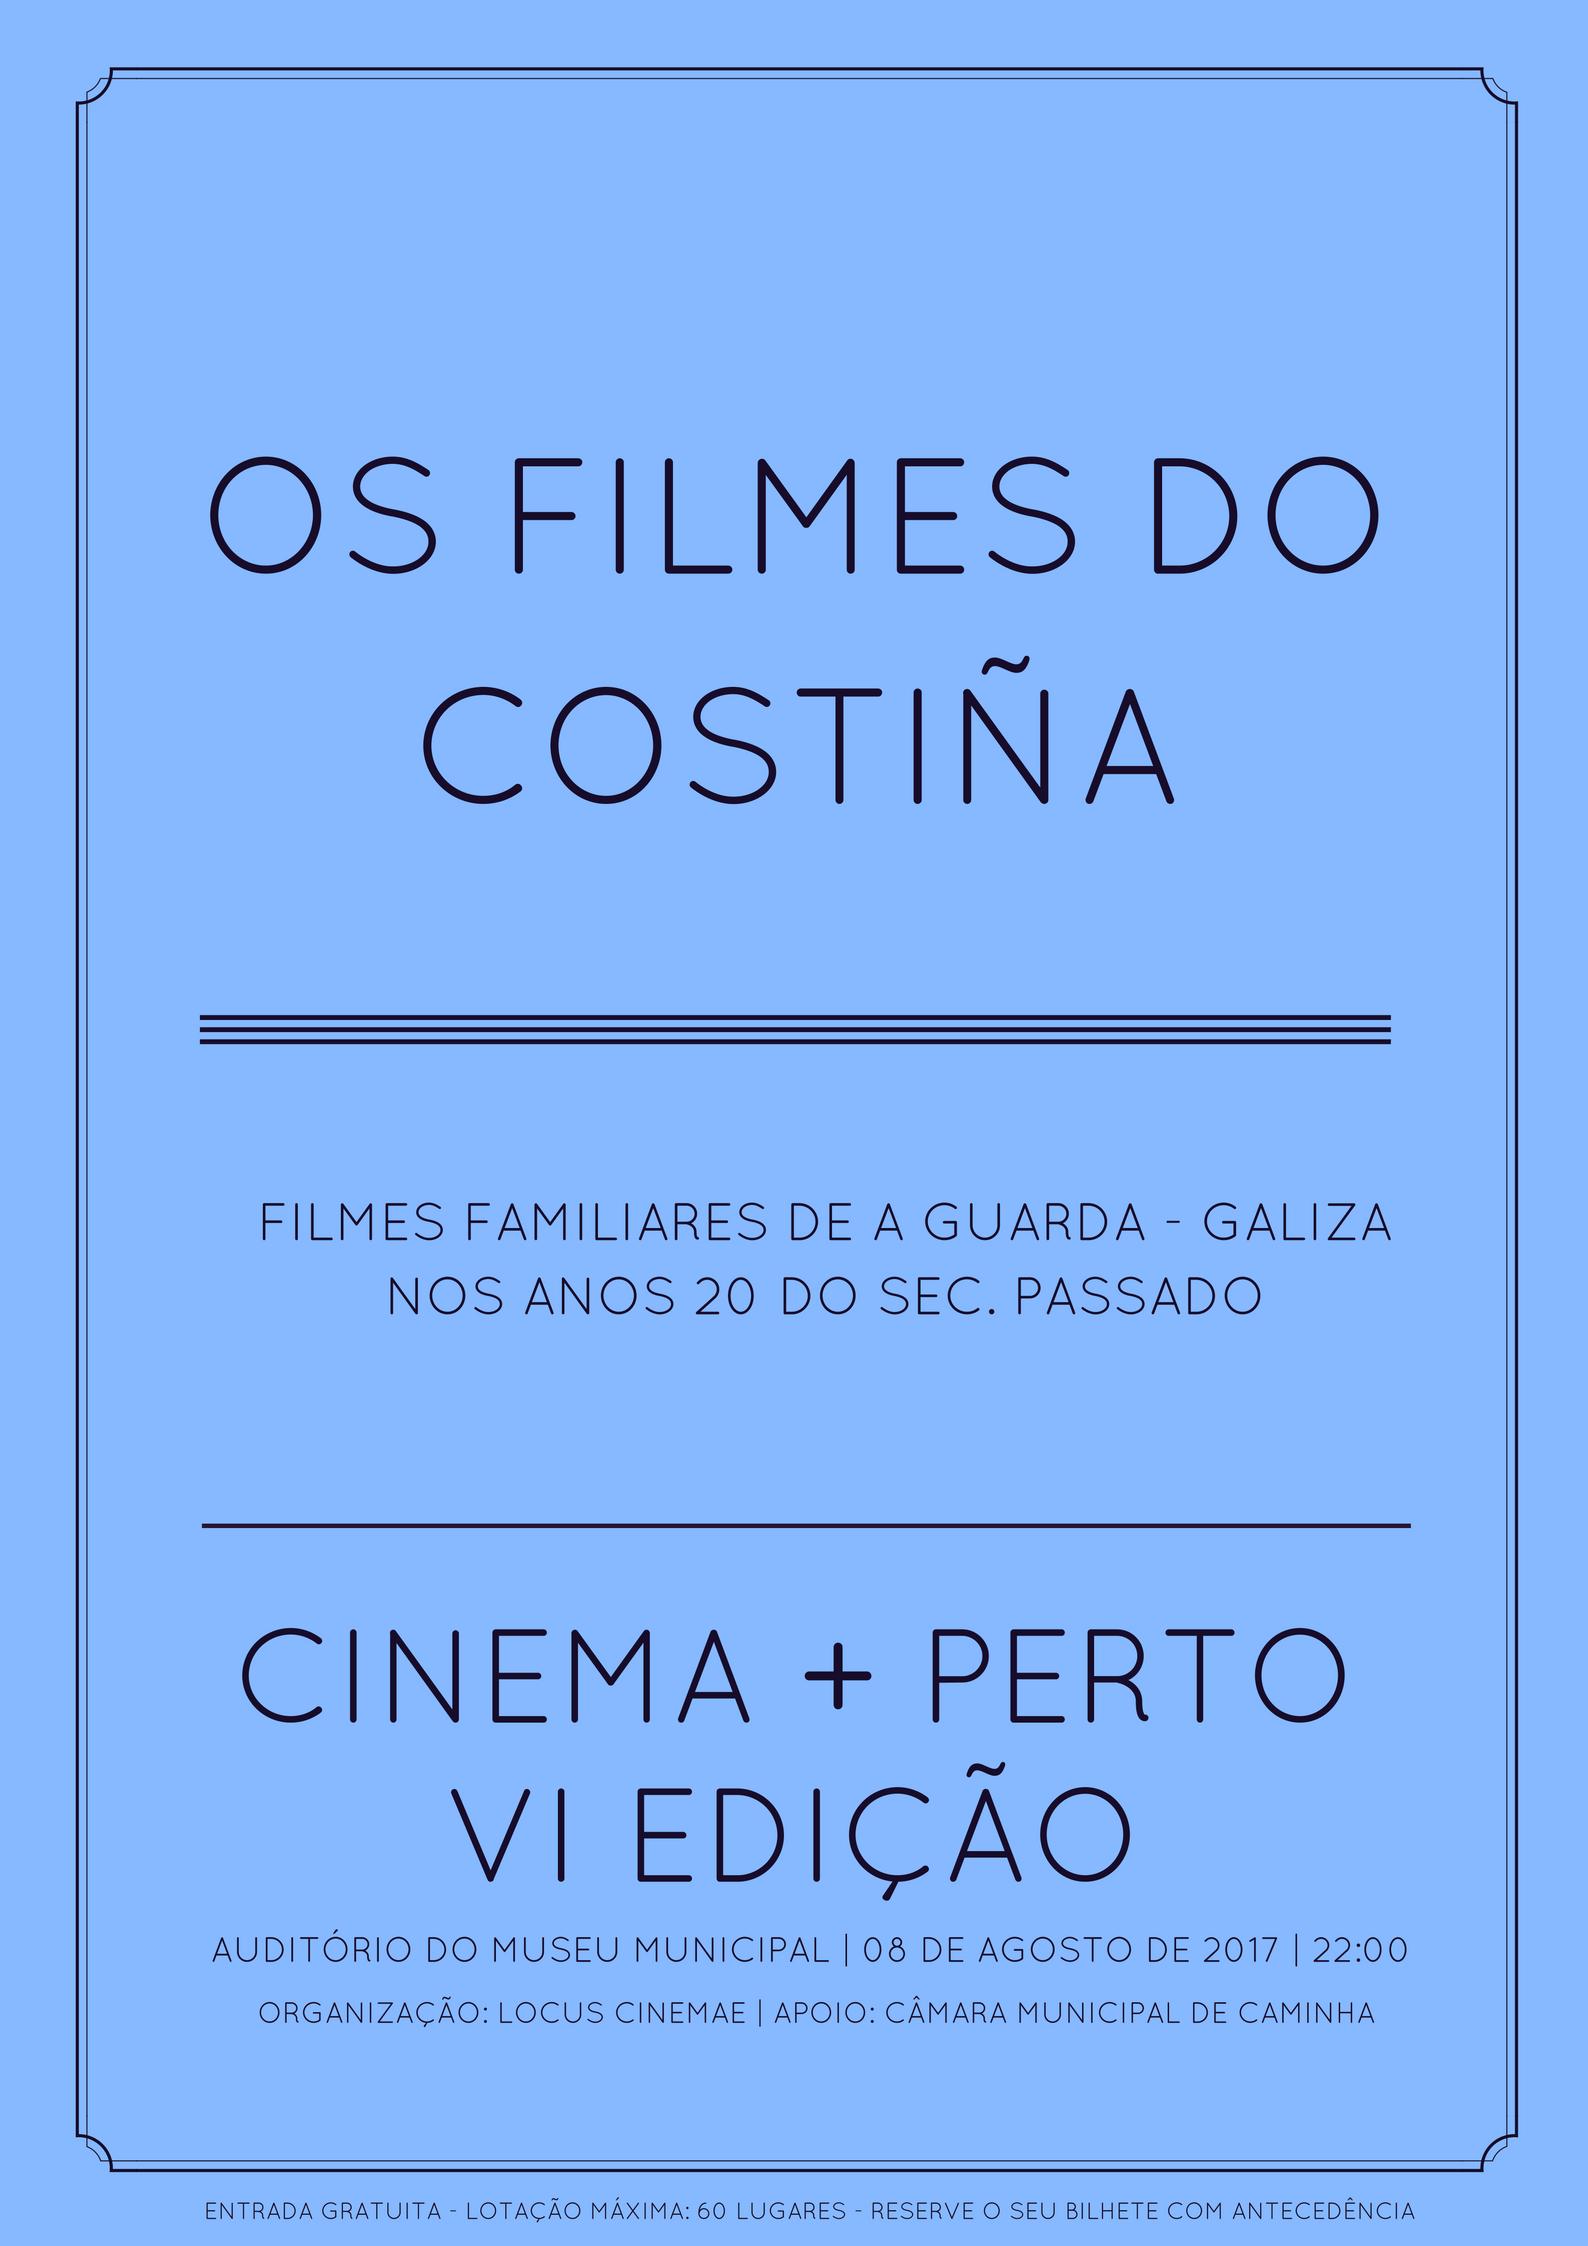 Cinema + Perto 2017: Filmes do Costiña - Filmes Caseiros de A Guarda – Galiza nos anos 20 do século passado